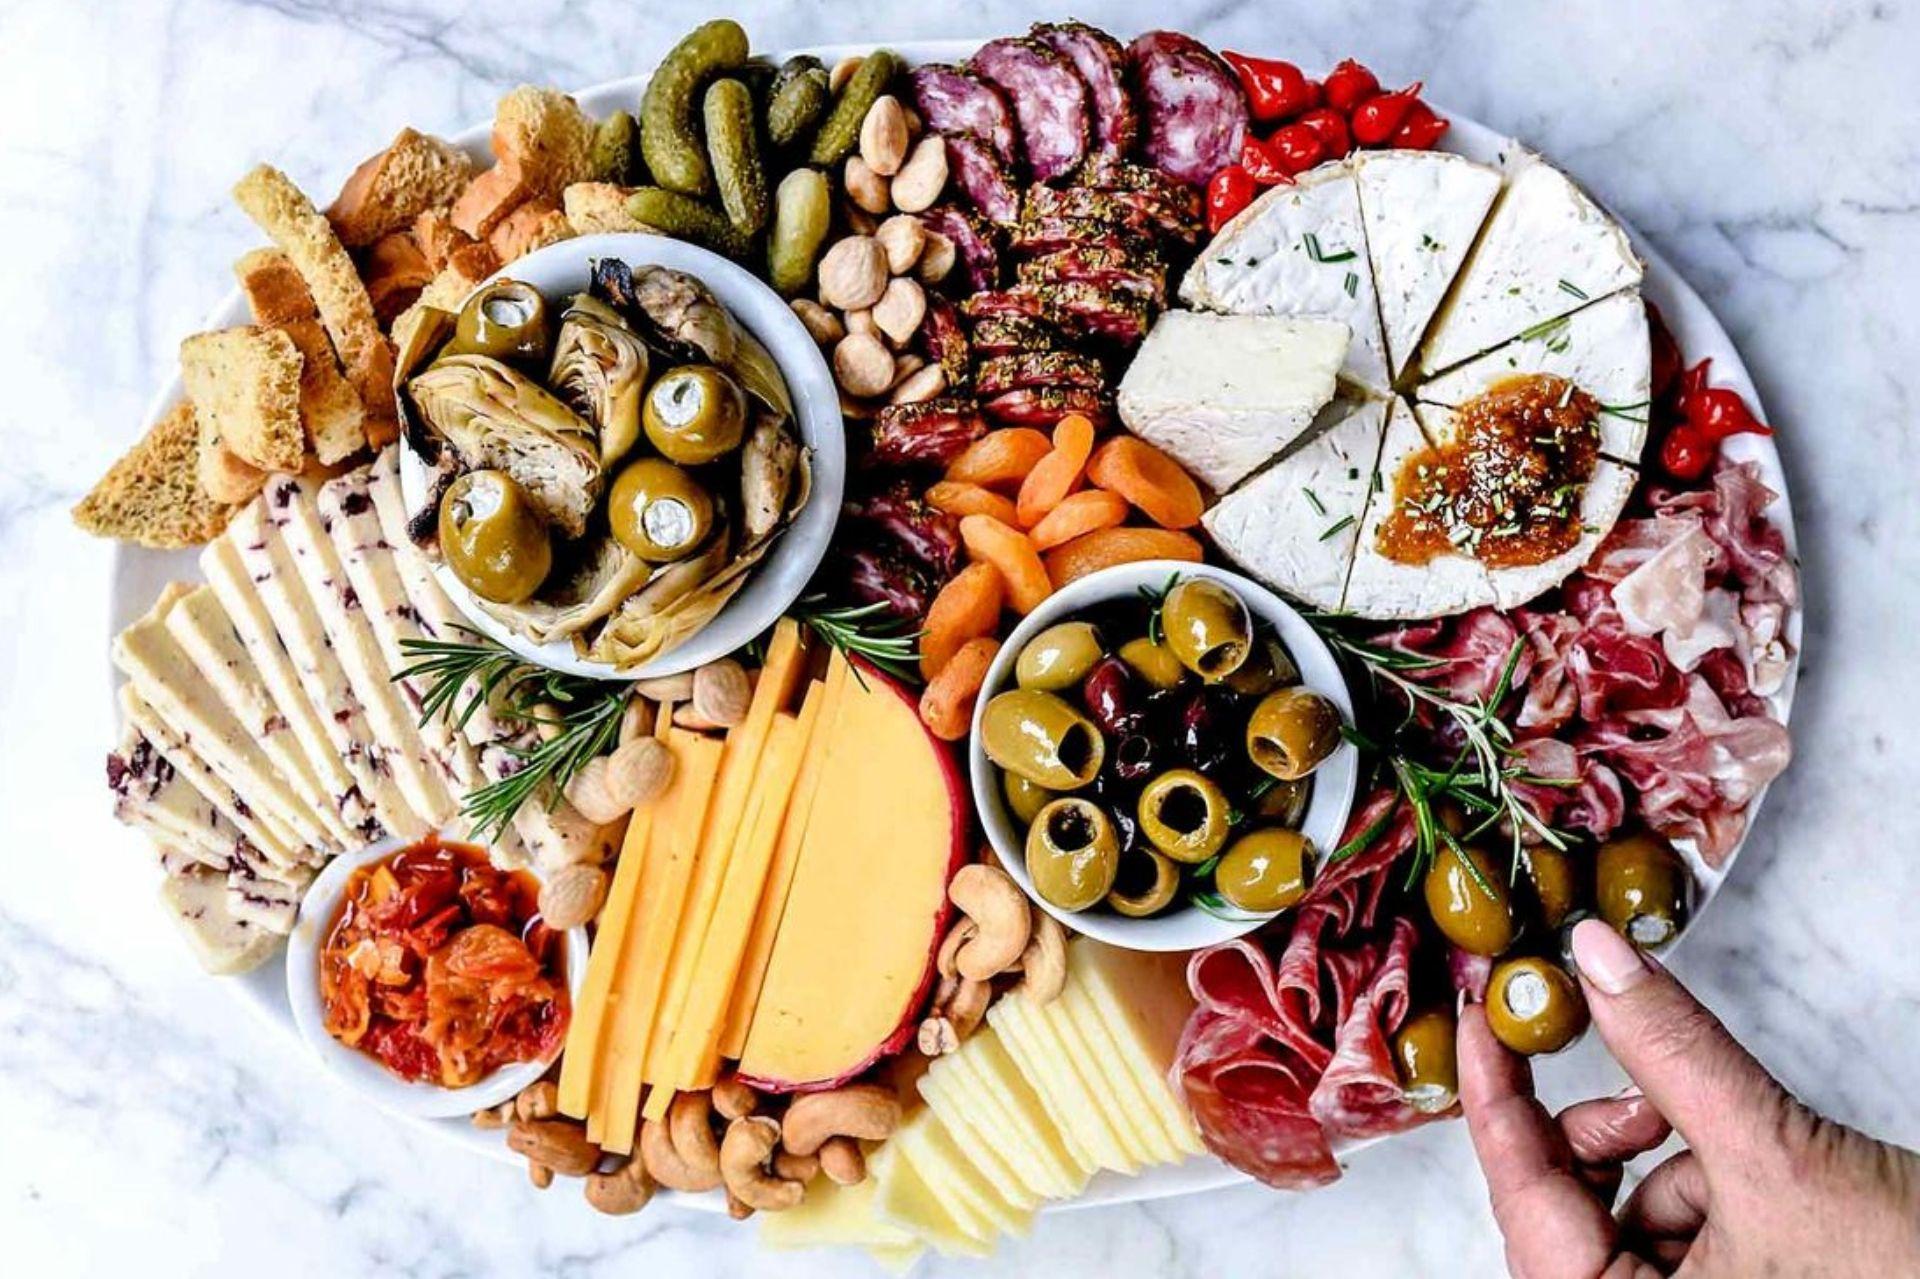 Antipasti Per Cena Di Natale.Antipasti Di Natale E Capodanno Idee Sfiziose Per Le Feste Food Blog